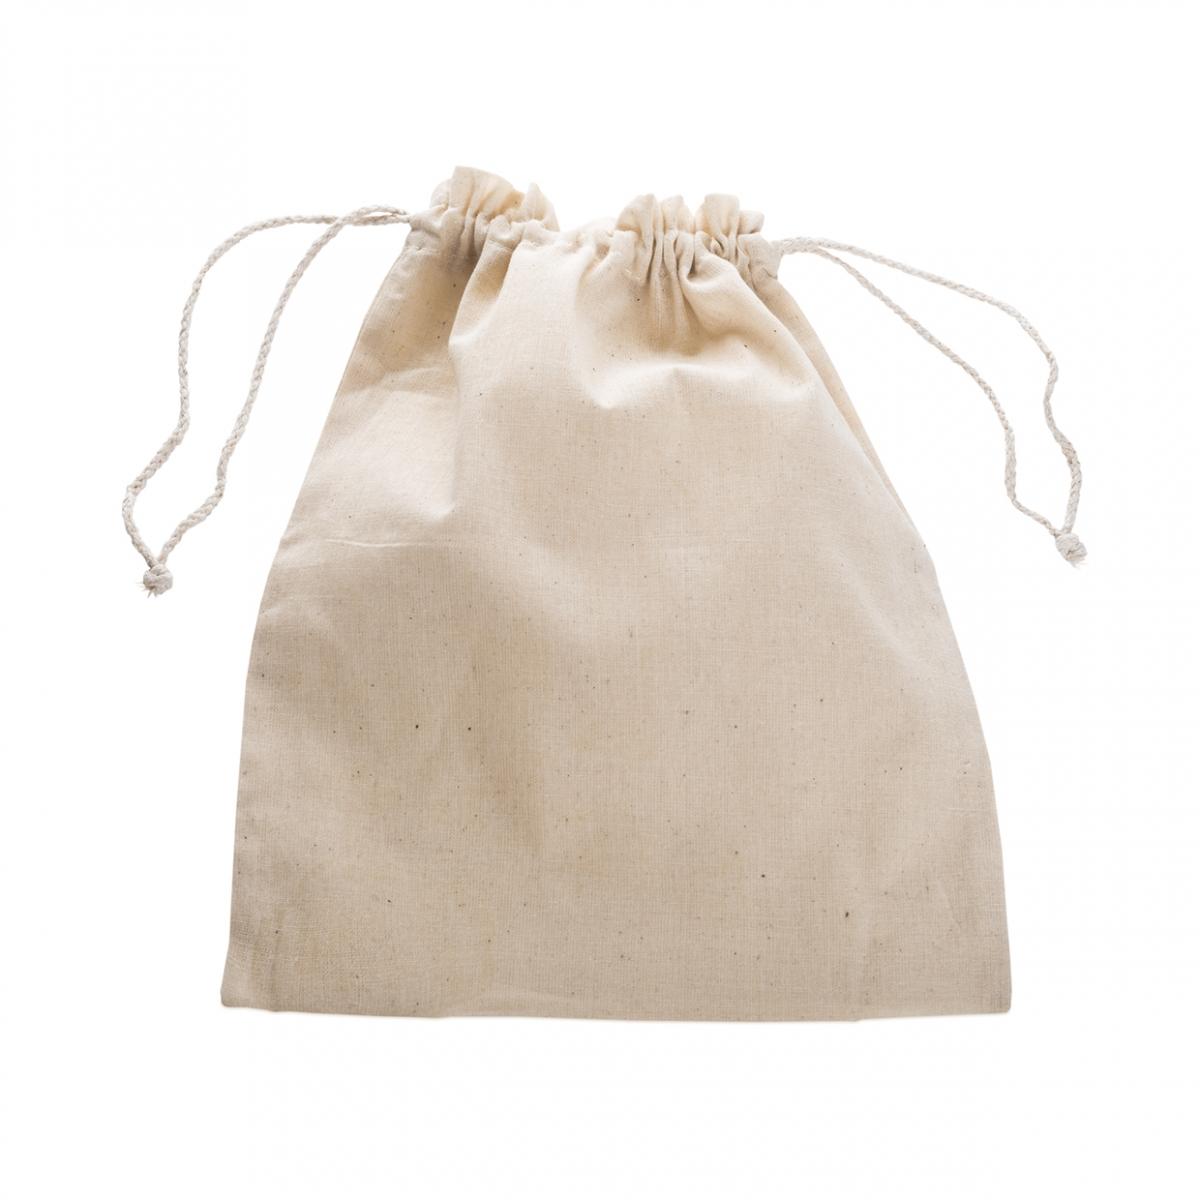 Imagen en la que se ve una bolsa de almuerzo